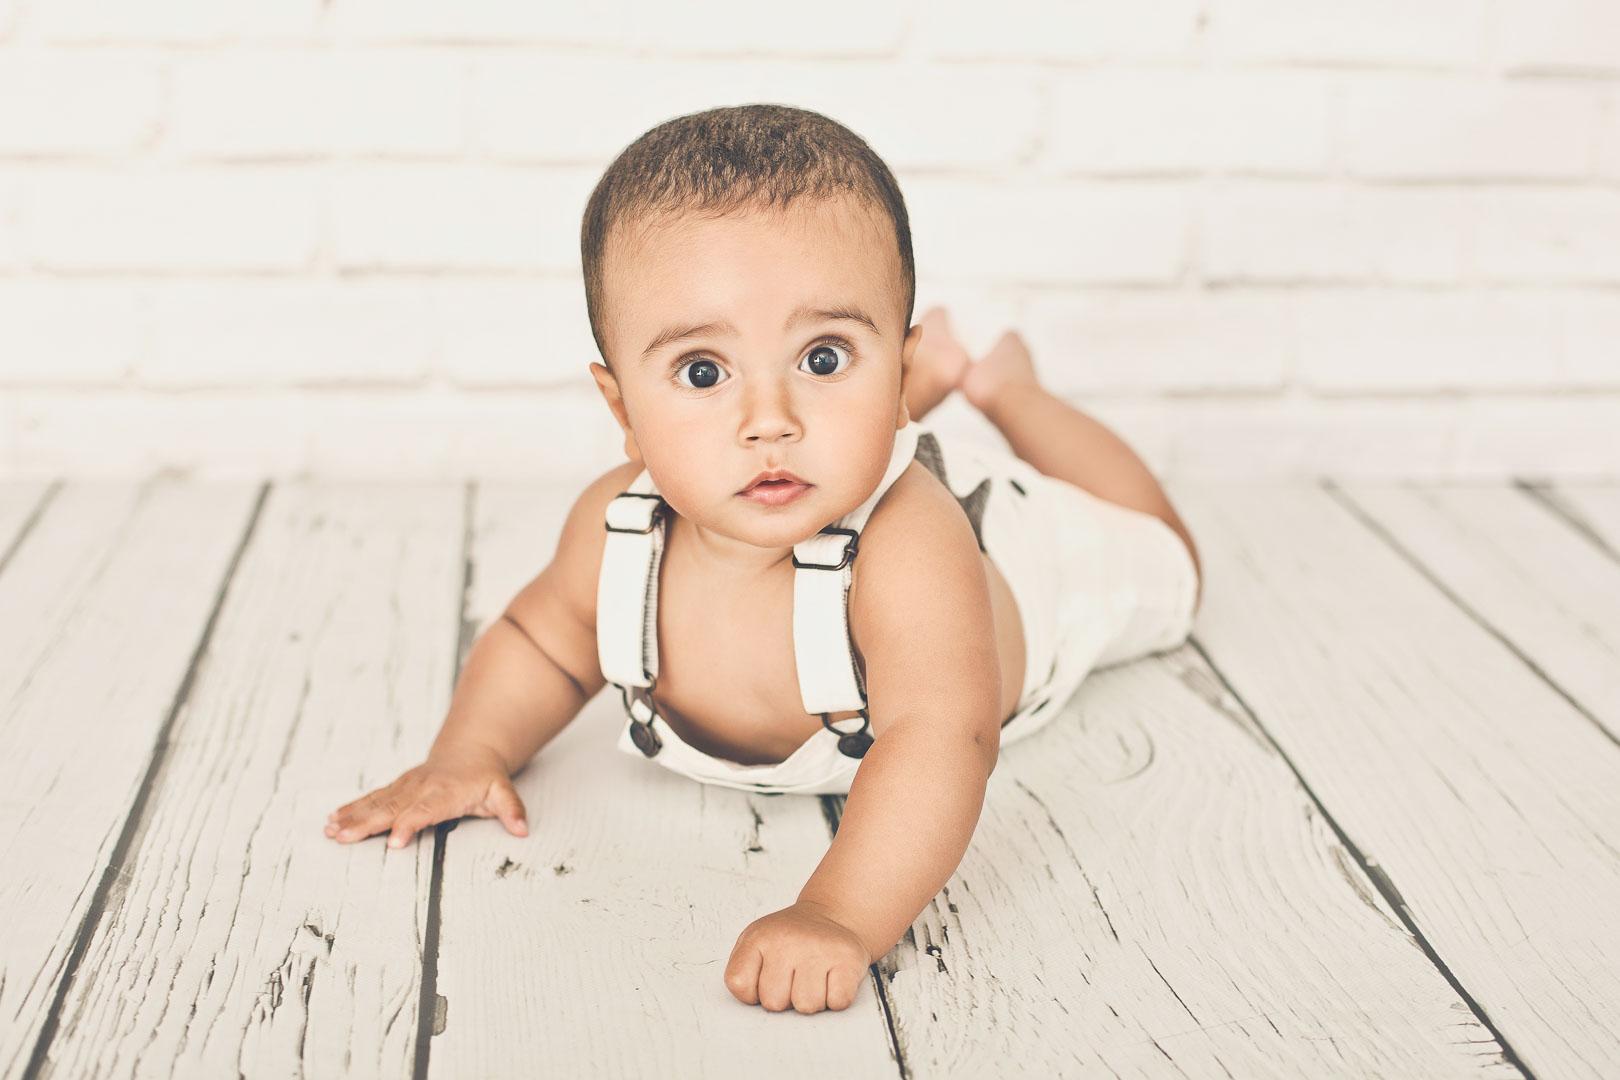 Contratar sesión fotográfica de bebes